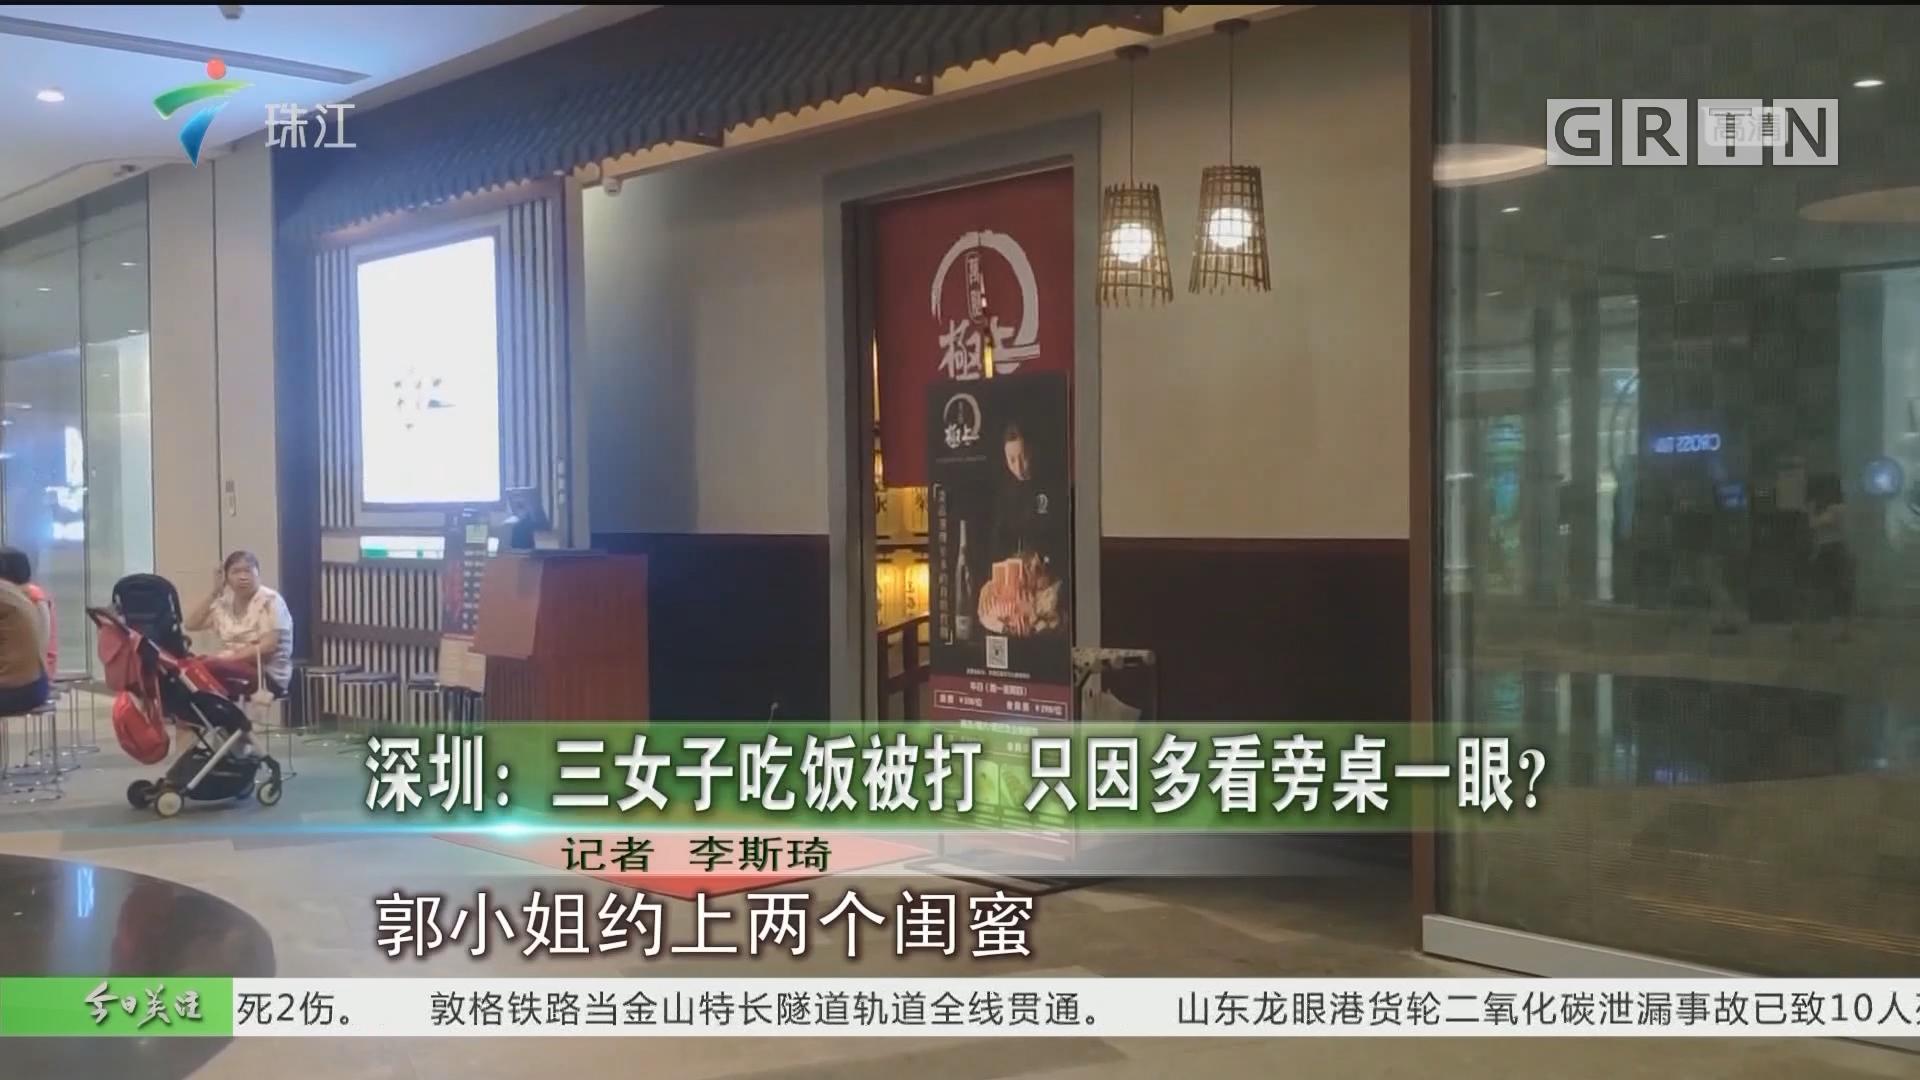 深圳:三女子吃饭被打 只因多看旁桌一眼?